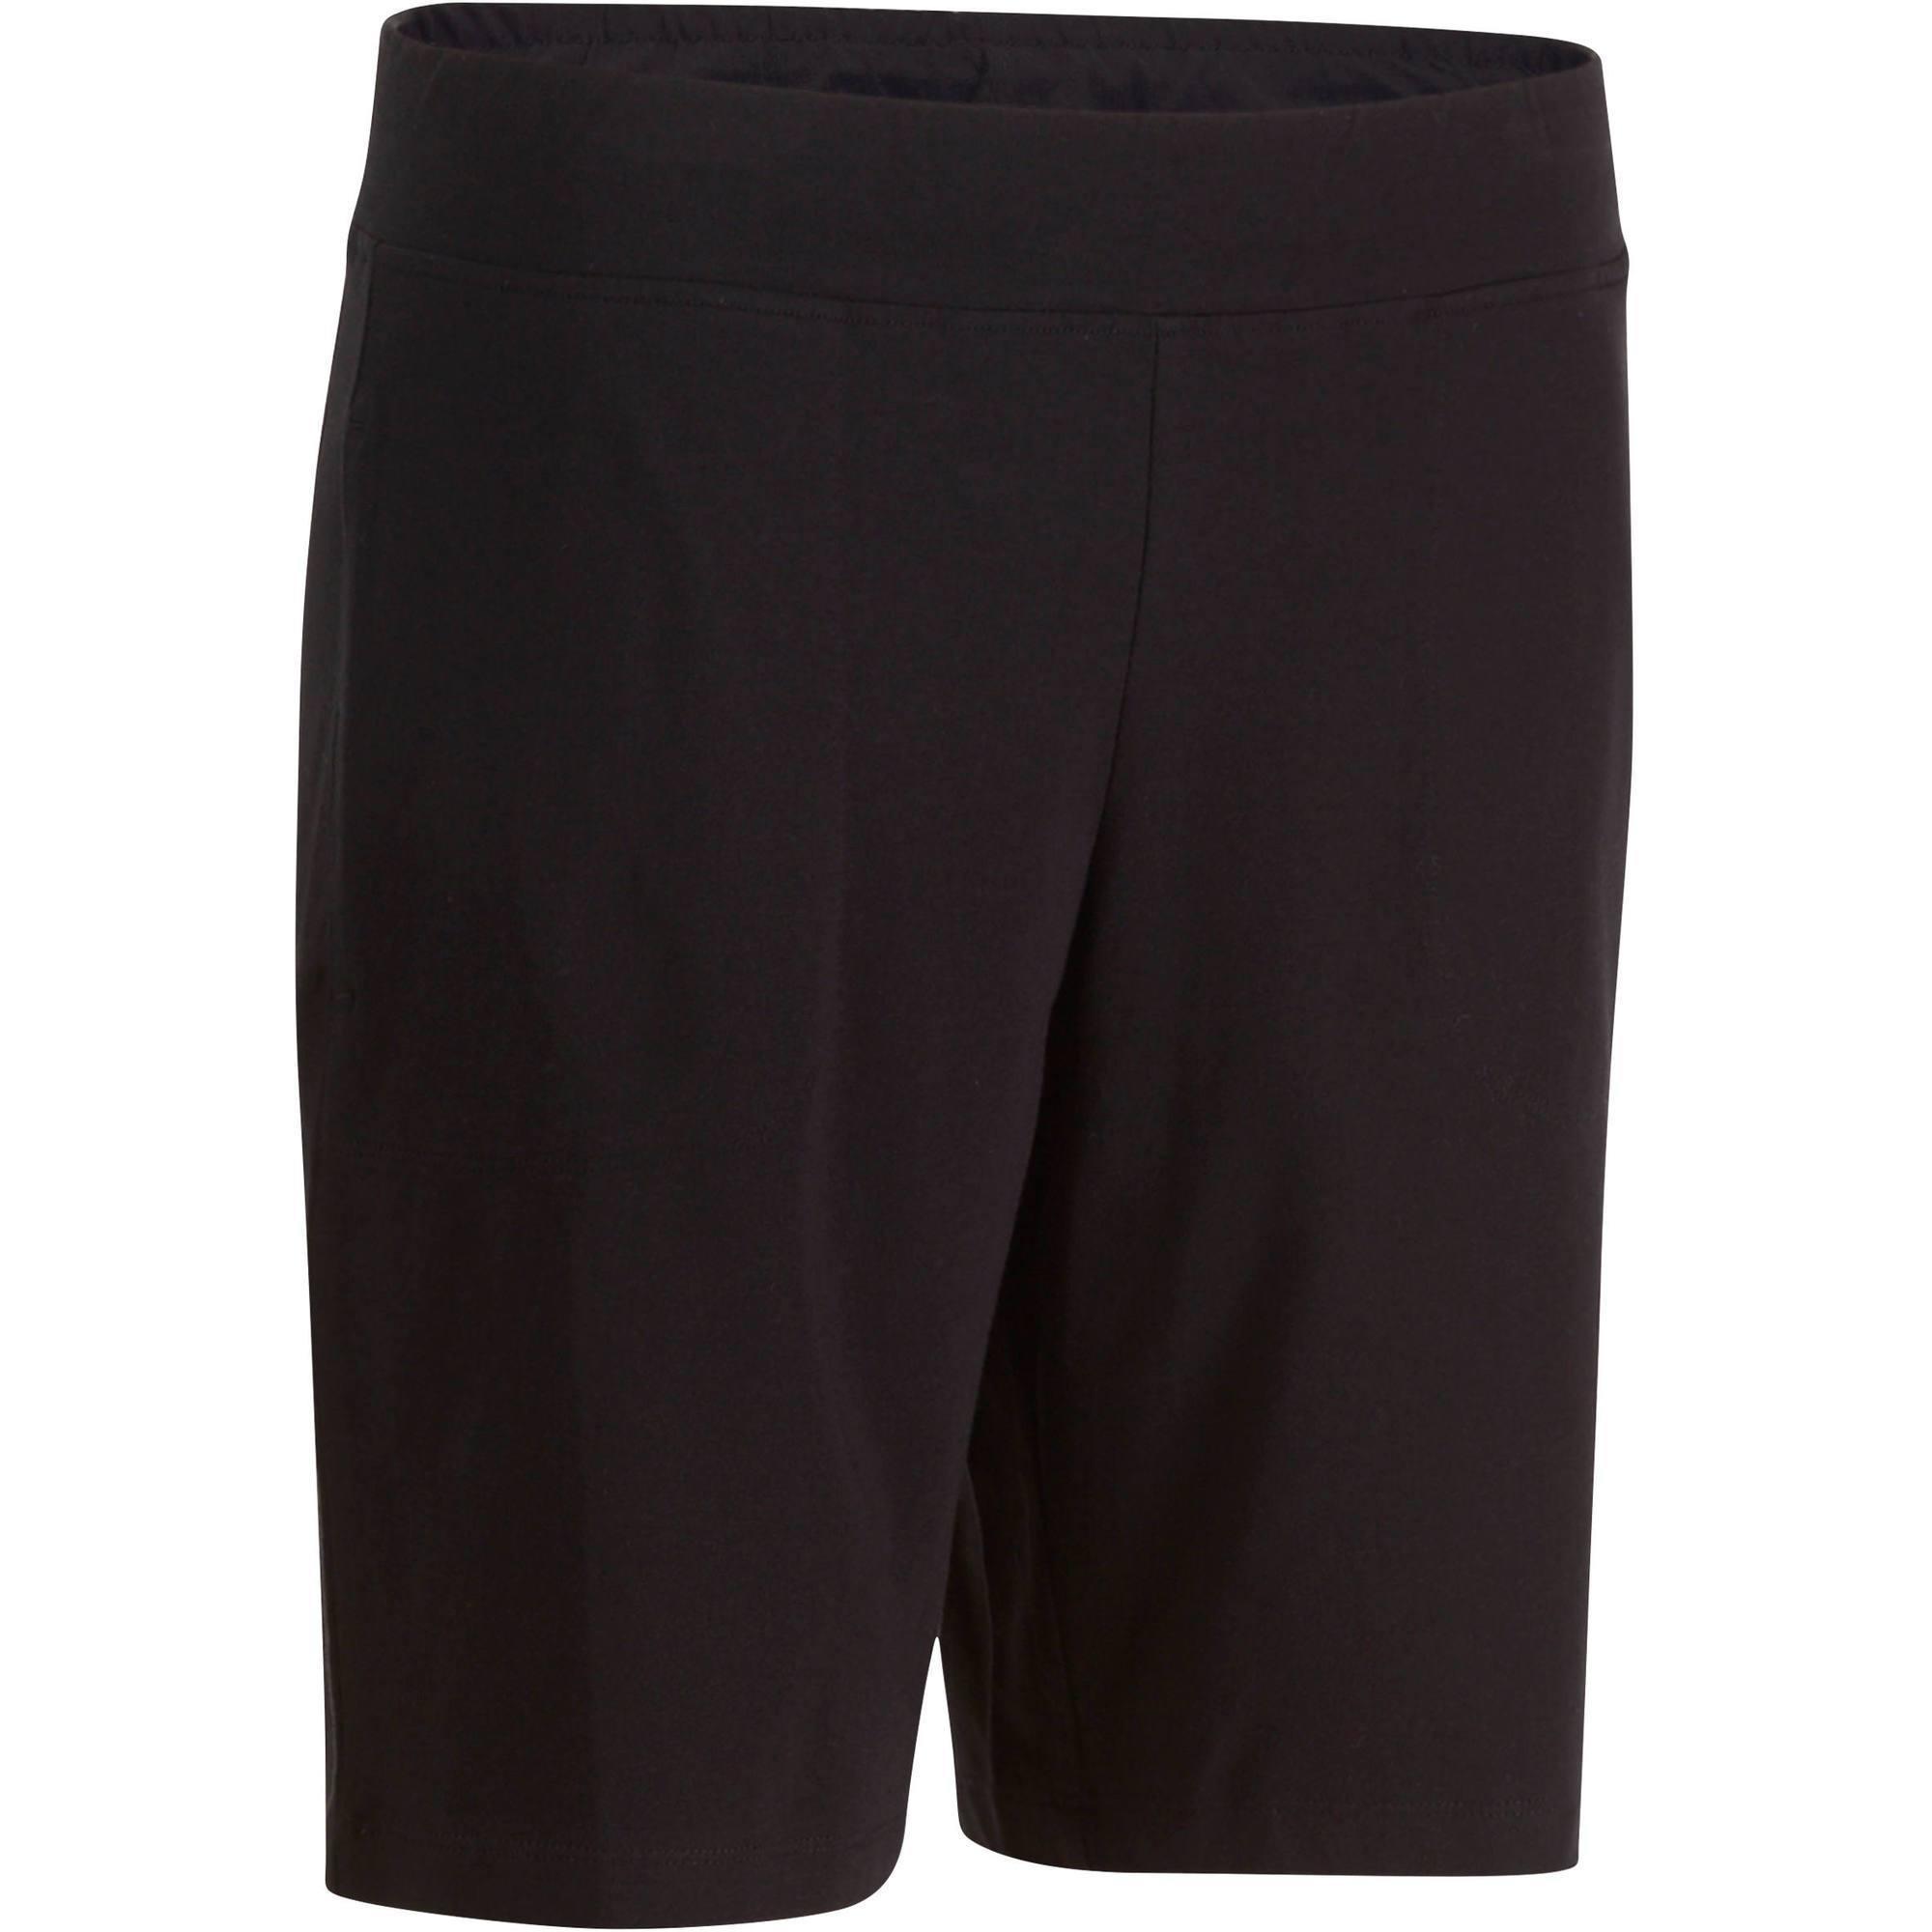 Short bermuda femme decathlon - Vetement fitness et mode 1aa2559c5aa